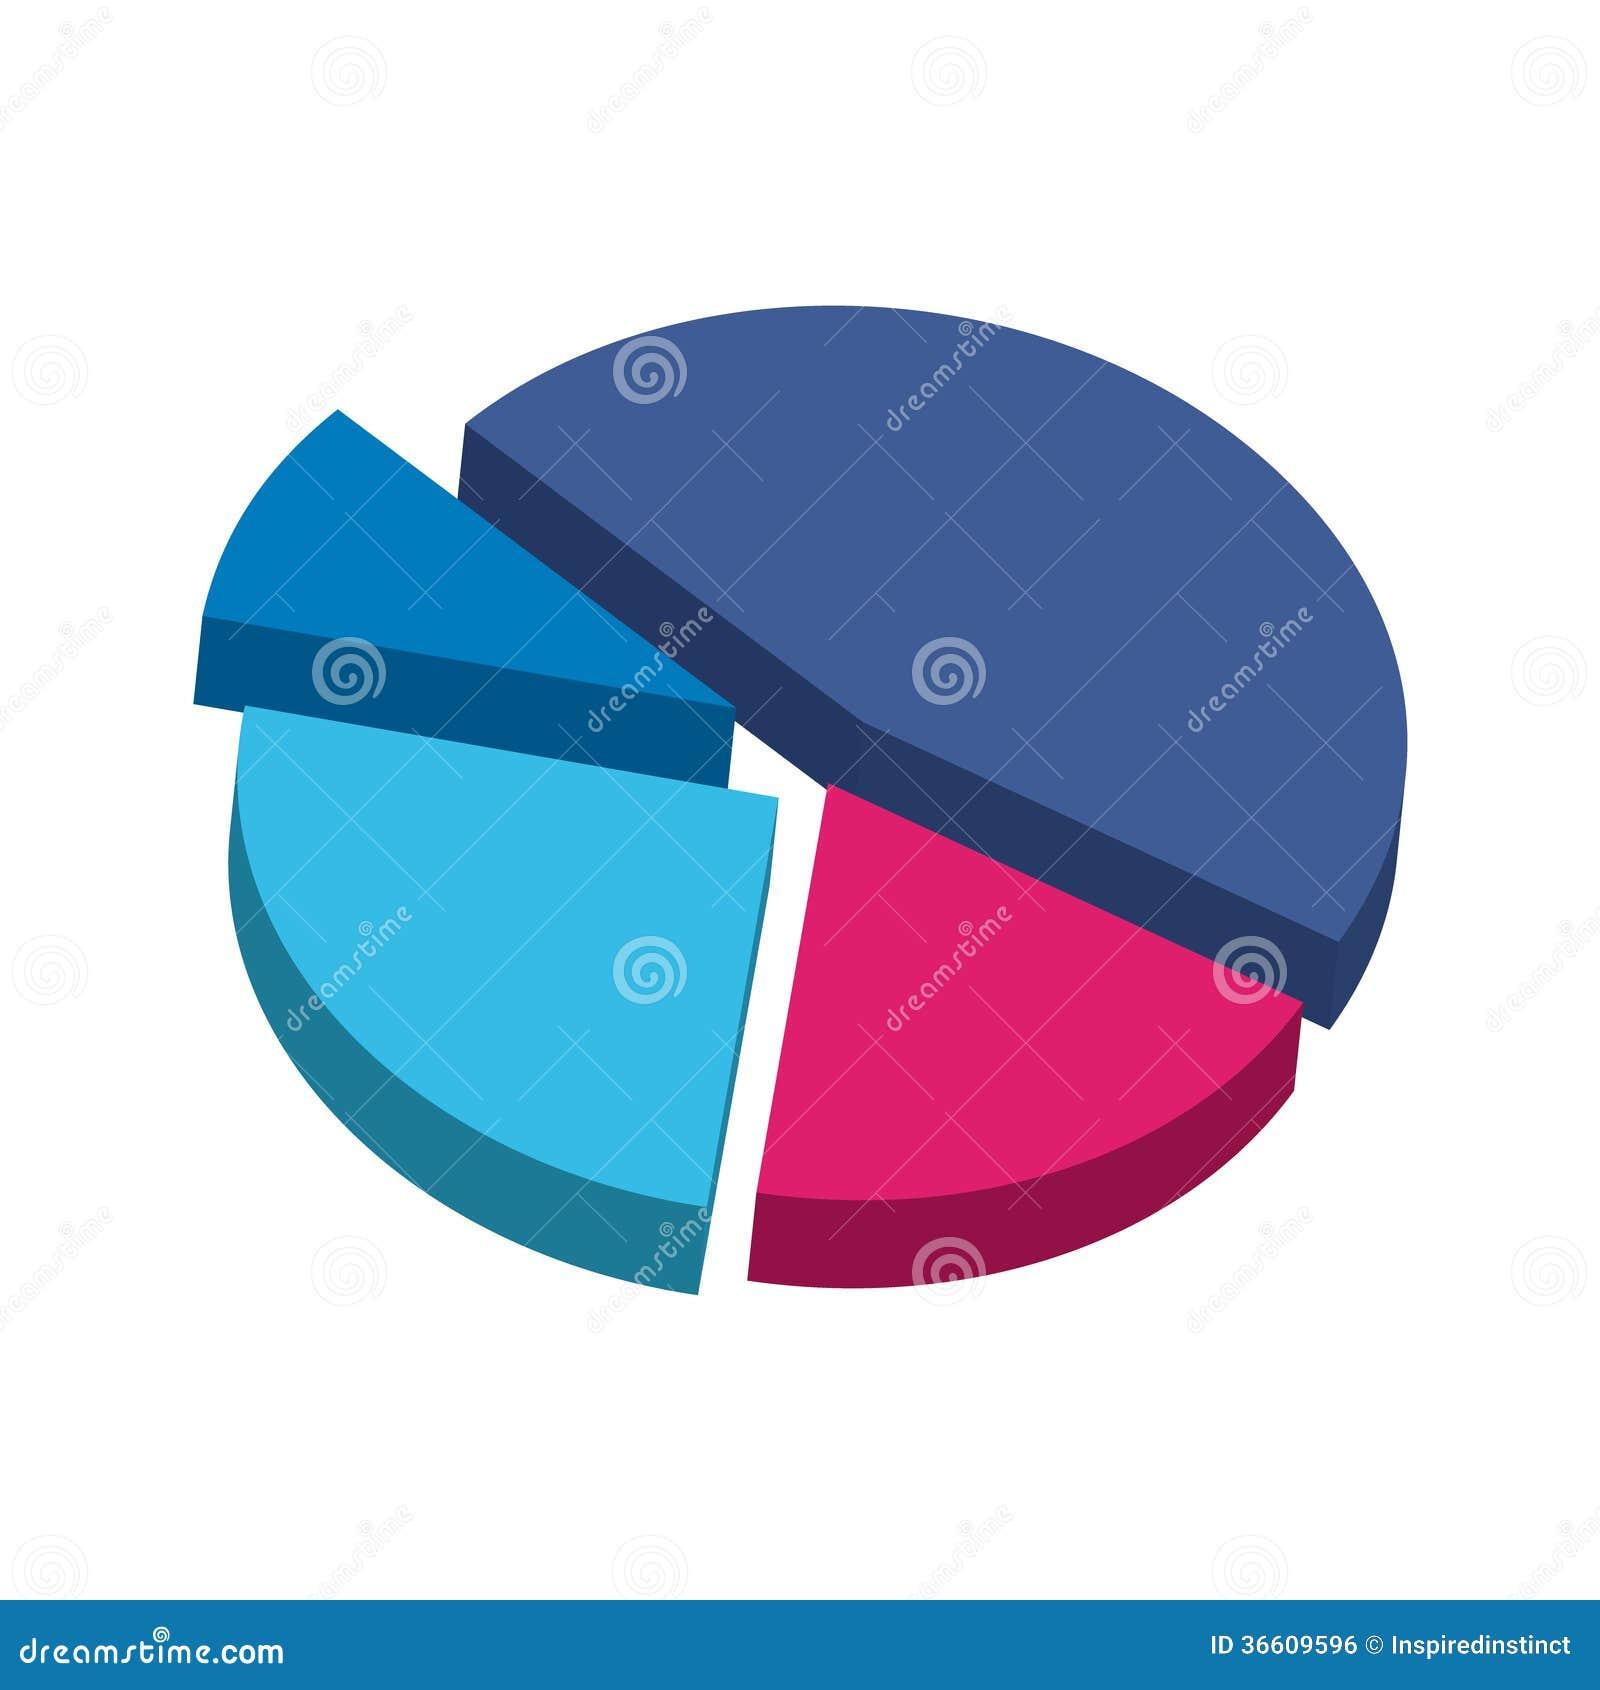 Four segment 3d pie chart stock vector illustration of four segment 3d pie chart nvjuhfo Image collections